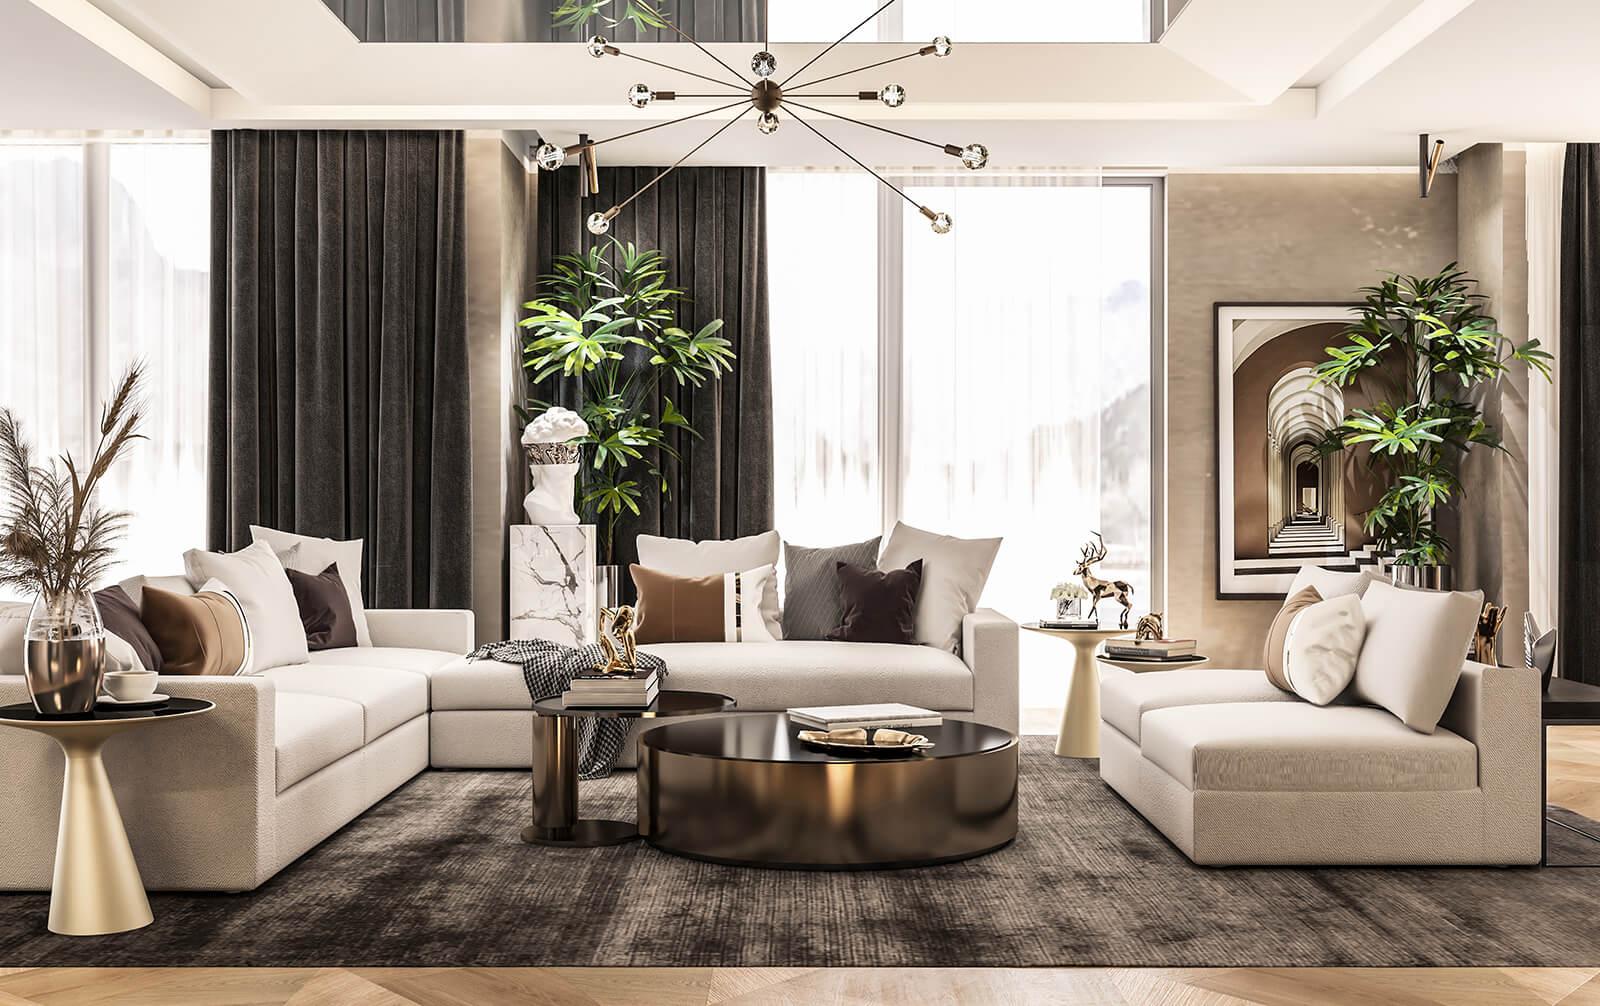 interioren-dizain-proekt-na-luksozna-kashta-vsekidnevna